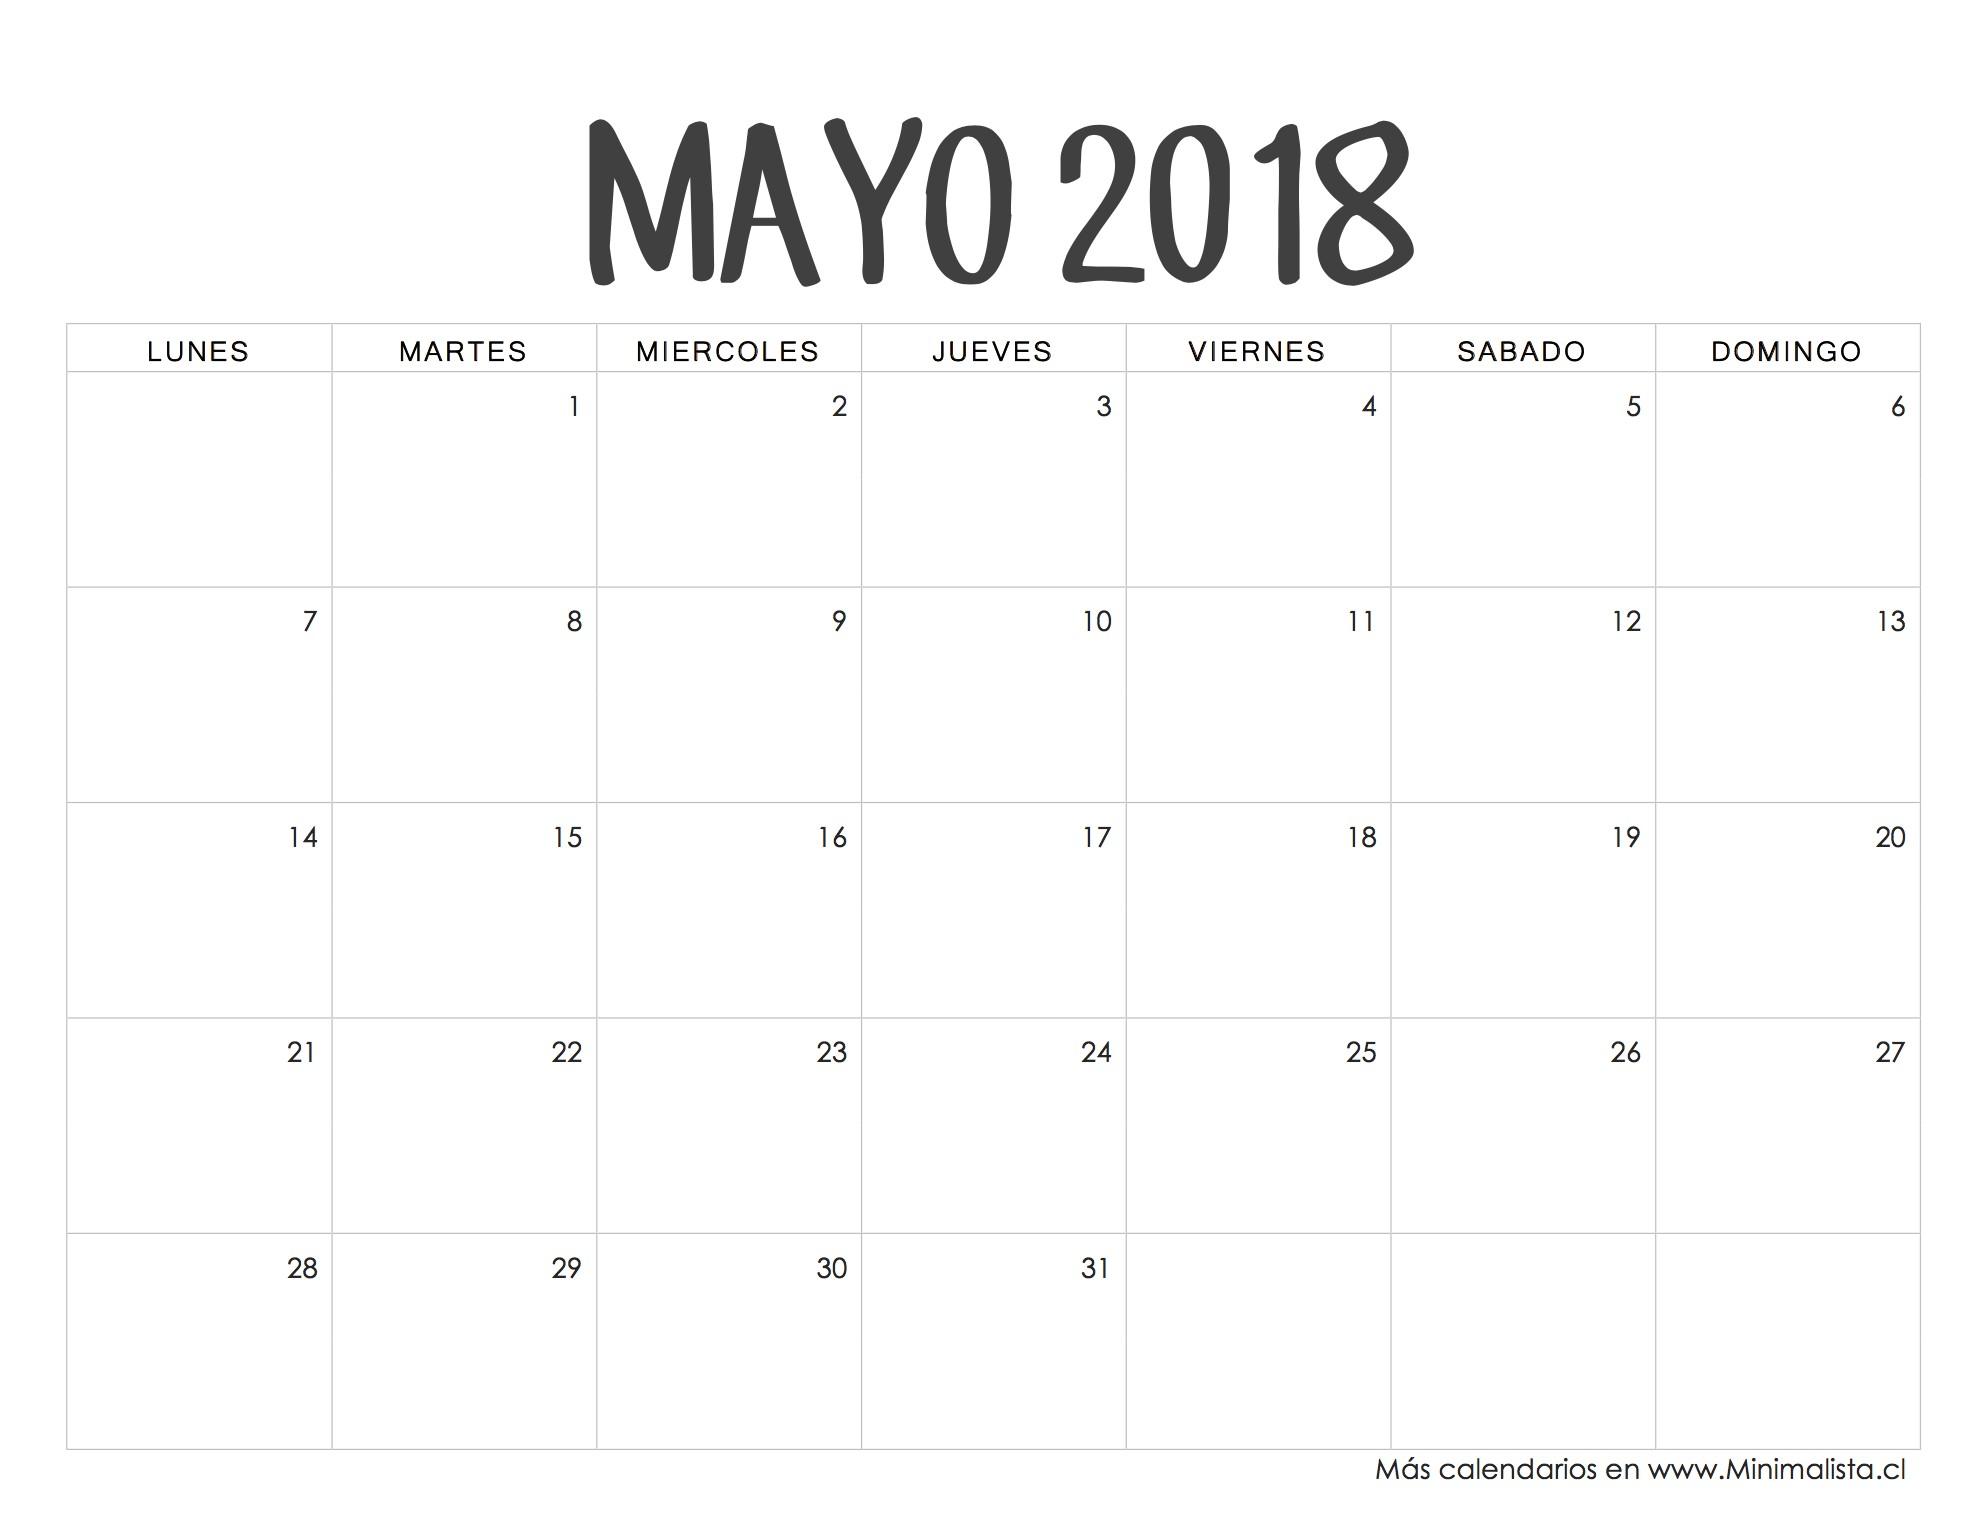 Almanaque 2019 Argentina Con Feriados Para Imprimir Más Caliente Resultado De Imagen De Calendario 2018 Bonito Of Almanaque 2019 Argentina Con Feriados Para Imprimir Más Actual Calendario Junio 2018 Apuntes✏ Pinterest